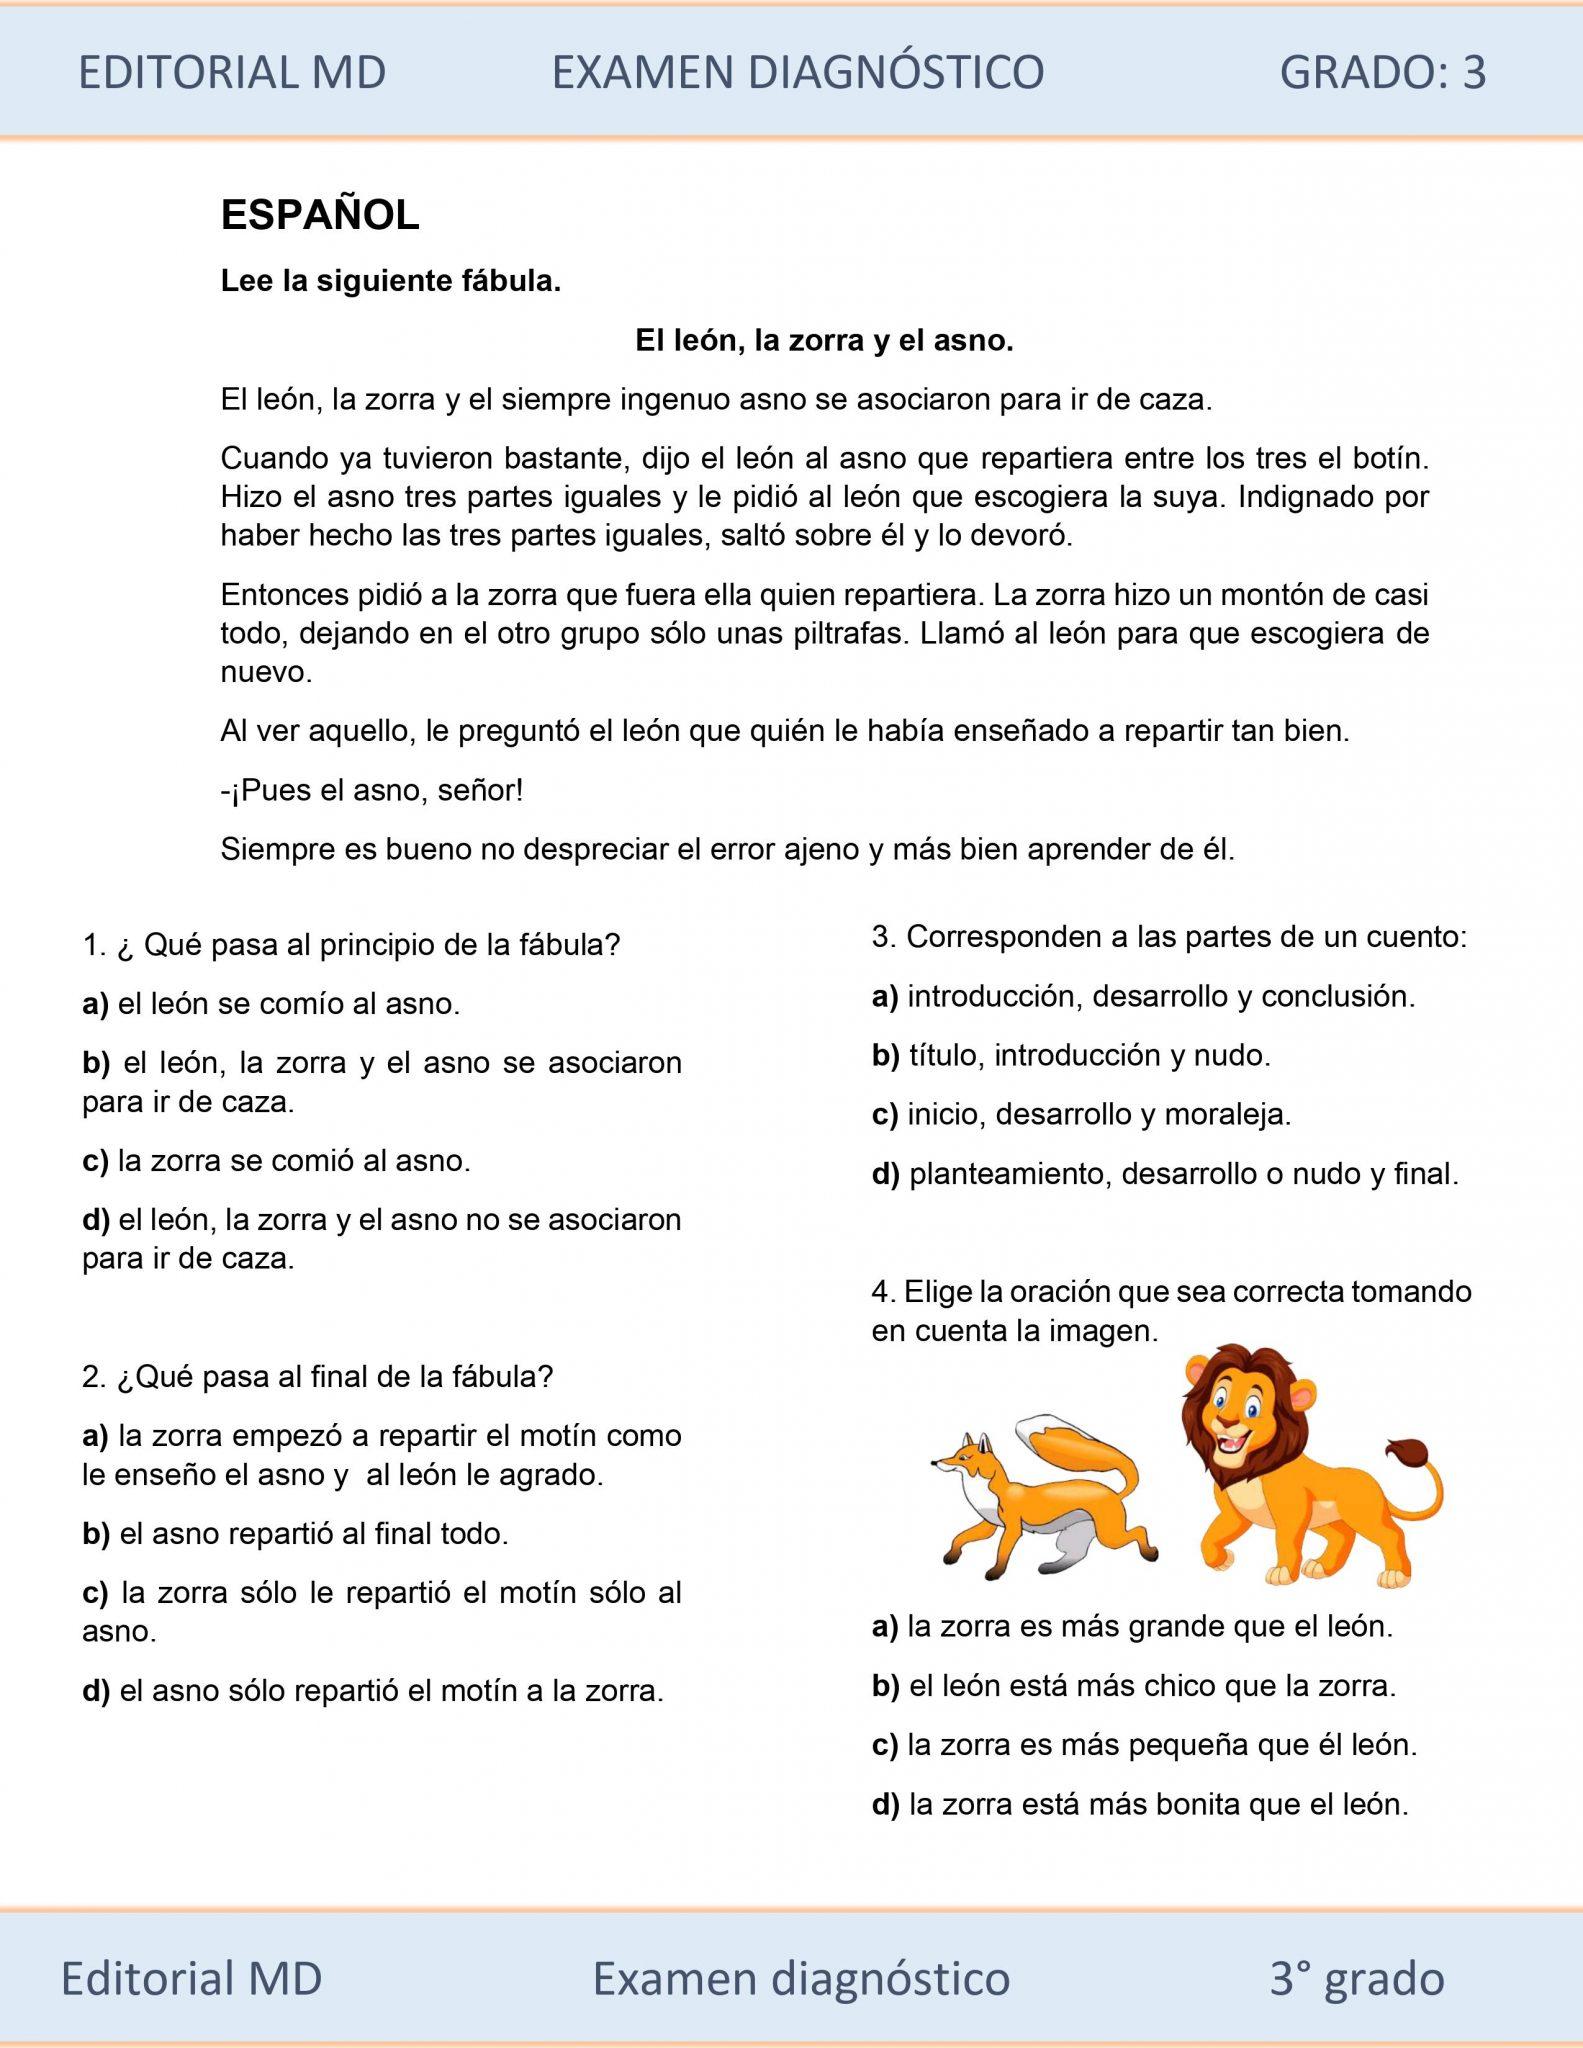 EJEMPLO DE EVALUACIÓN DIAGNÓSTICA 3ER GRADO 02